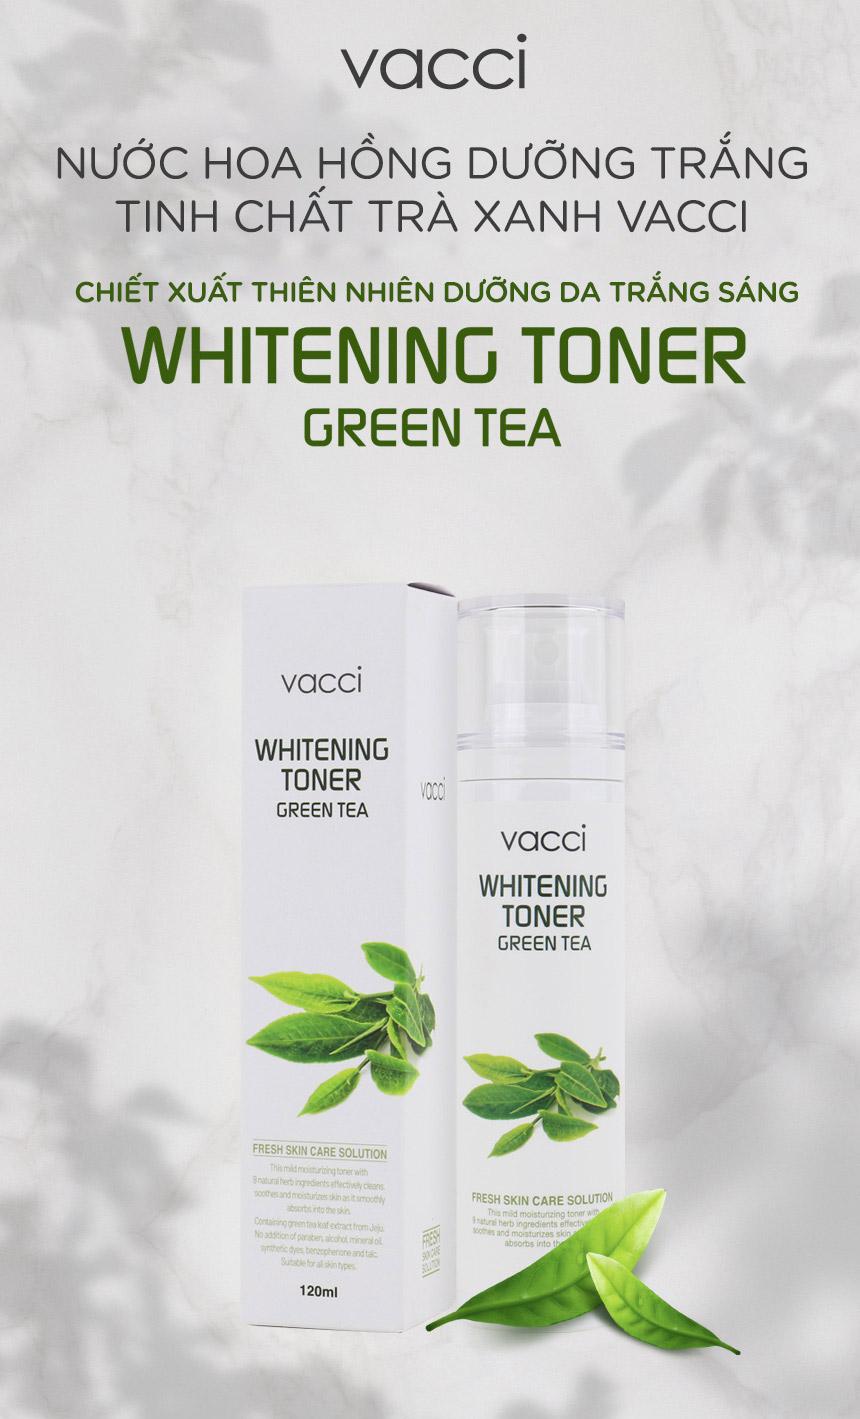 Nước hoa hồng dưỡng trắng da tinh chất Trà xanh VACCI